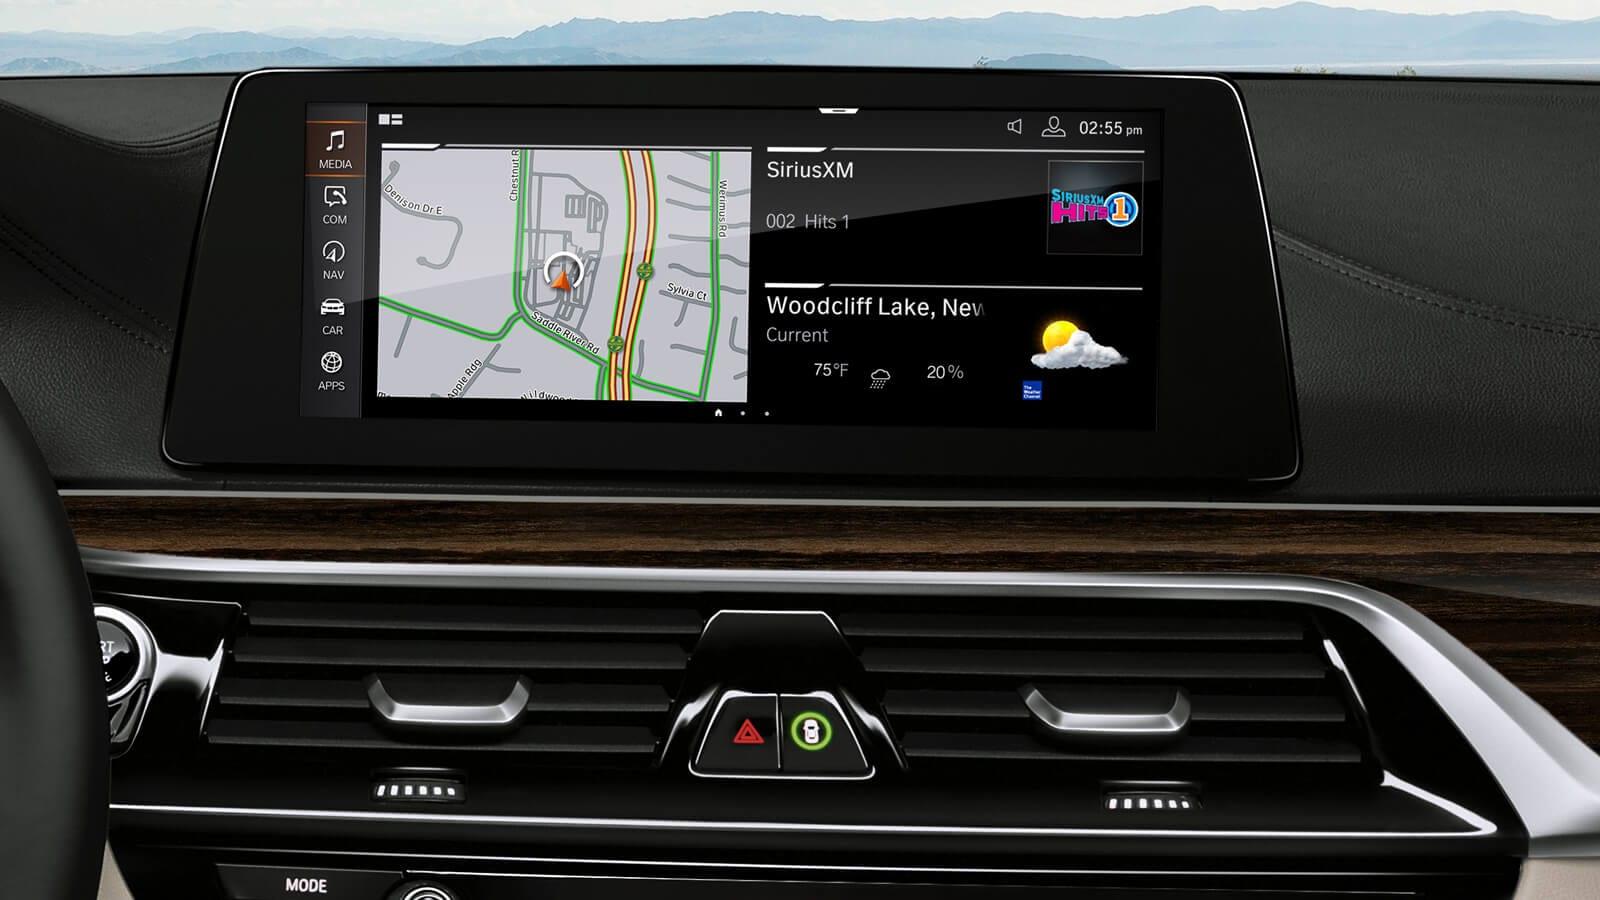 2020 5 Series Touchscreen